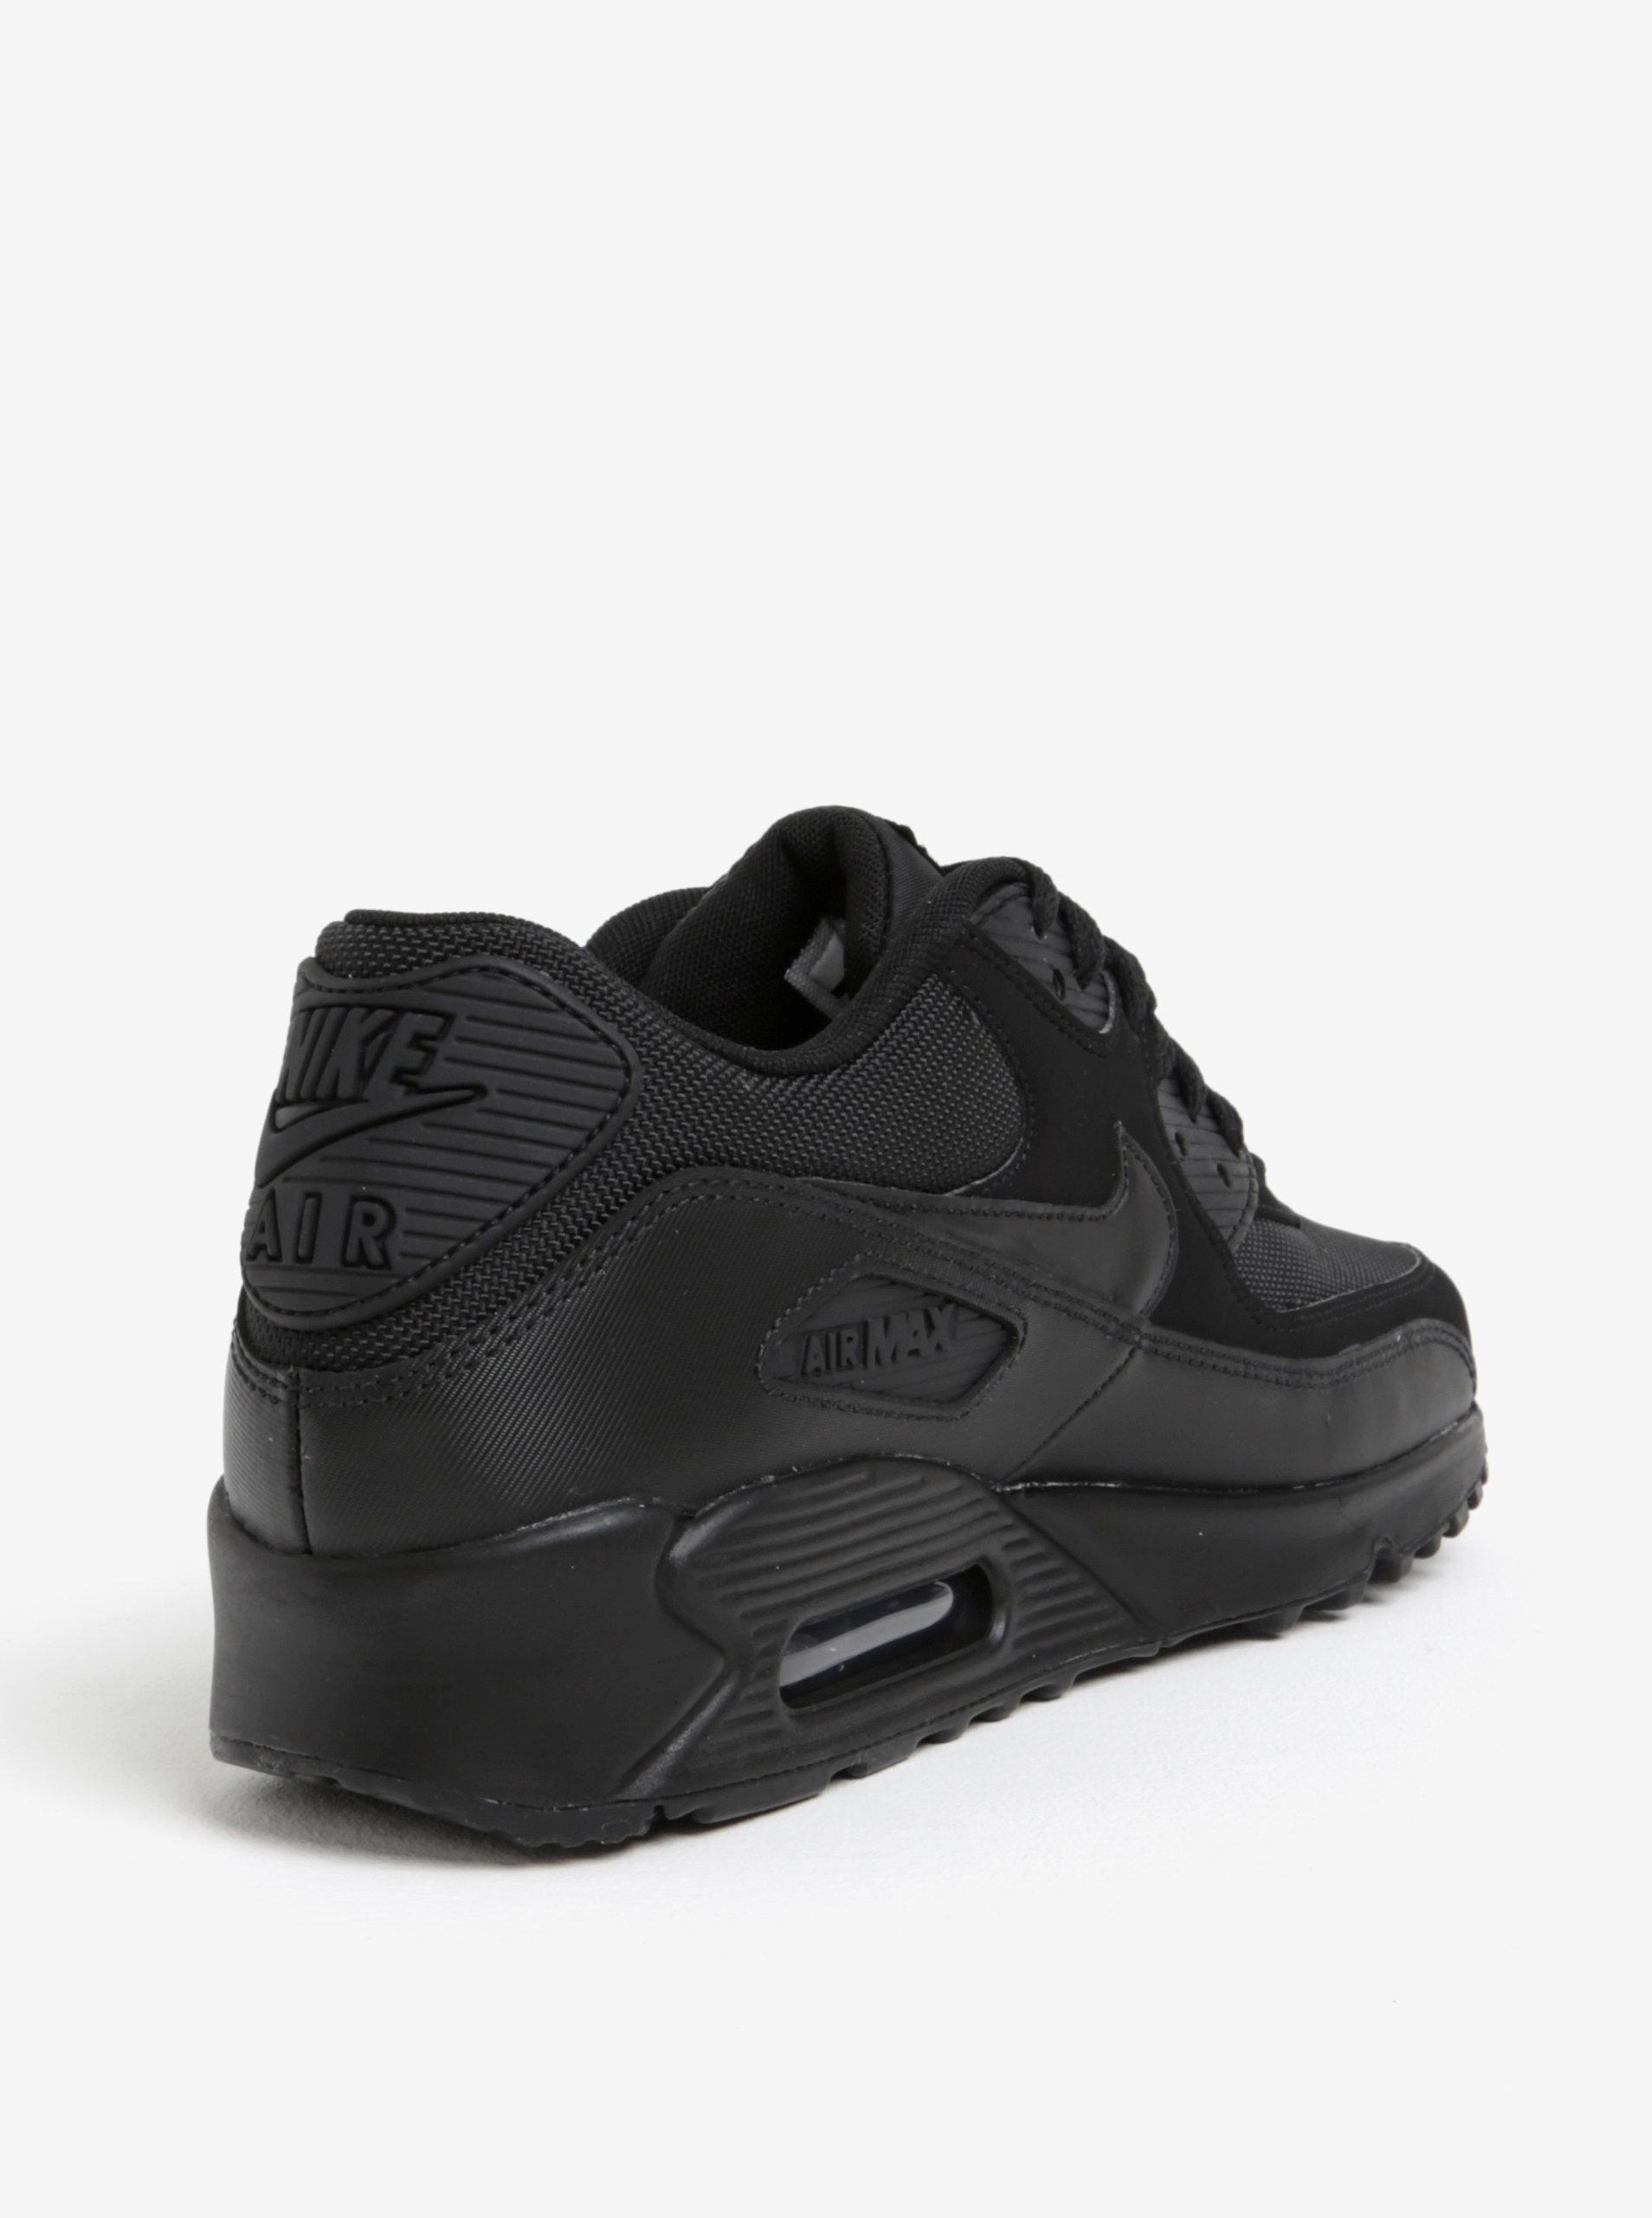 finest selection d3a6c 154e3 Pantofi sport negri din piele intoarsa pentru barbati Nike Air Max  90  Essential ...